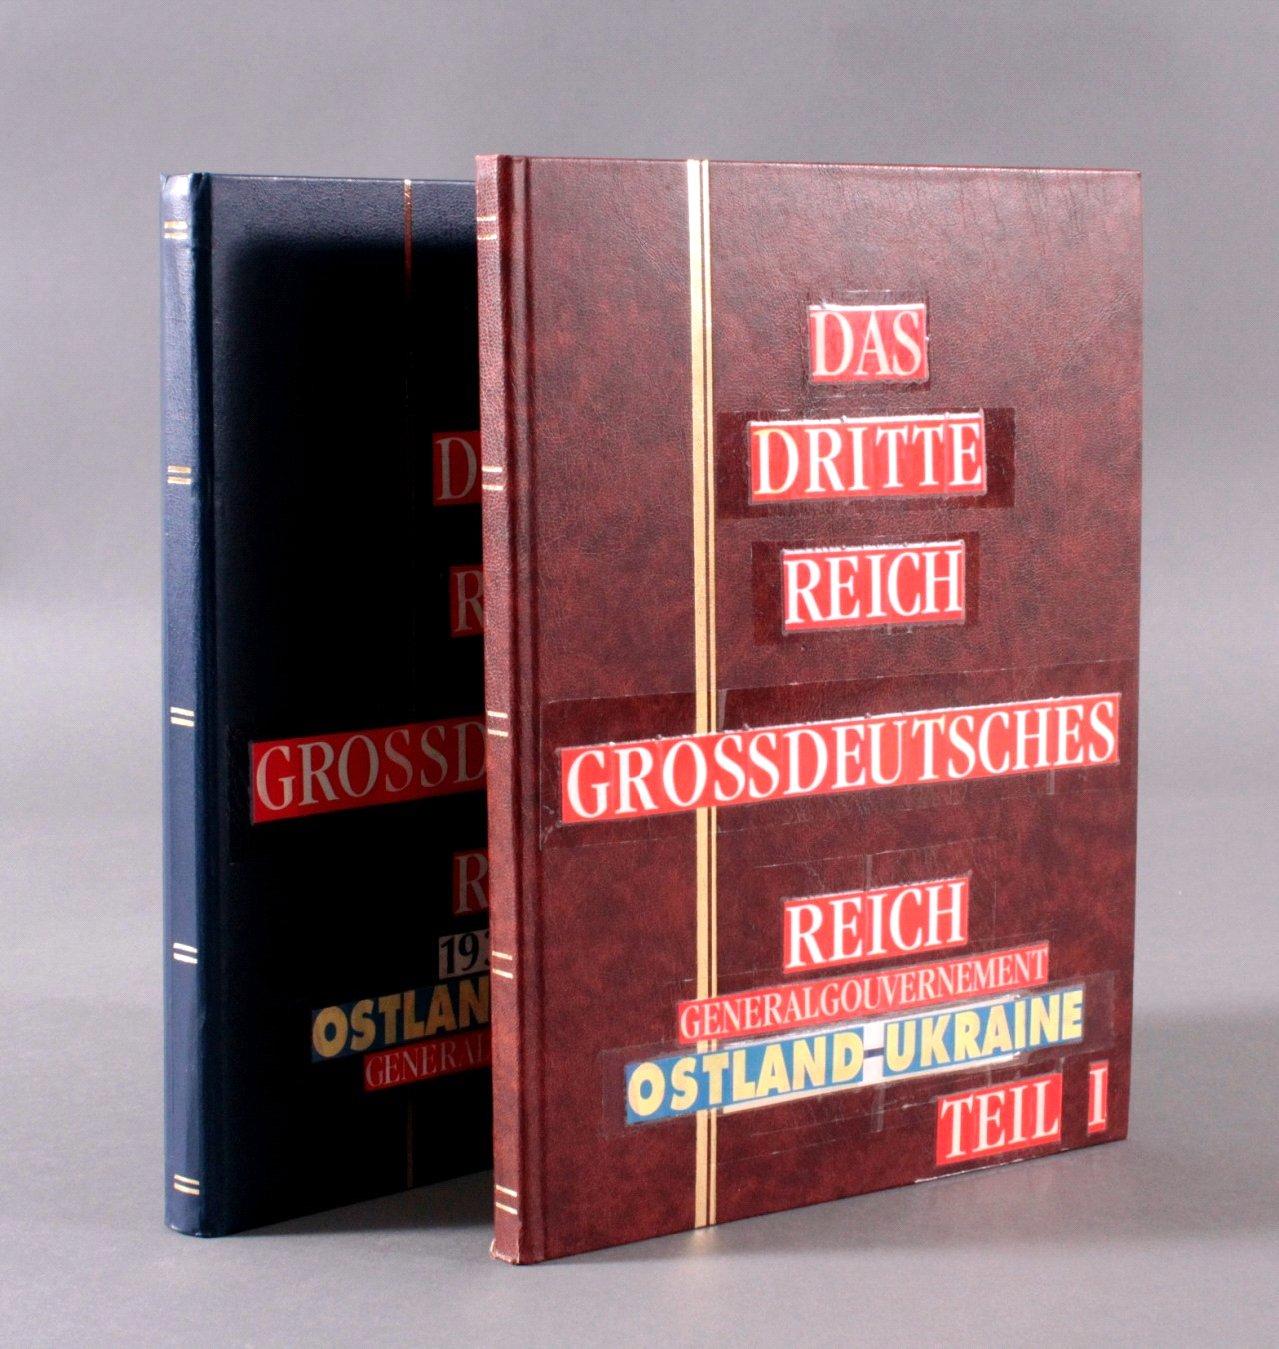 Sammlung Deutsches Reich in 2 Alben, 1933-1945-5